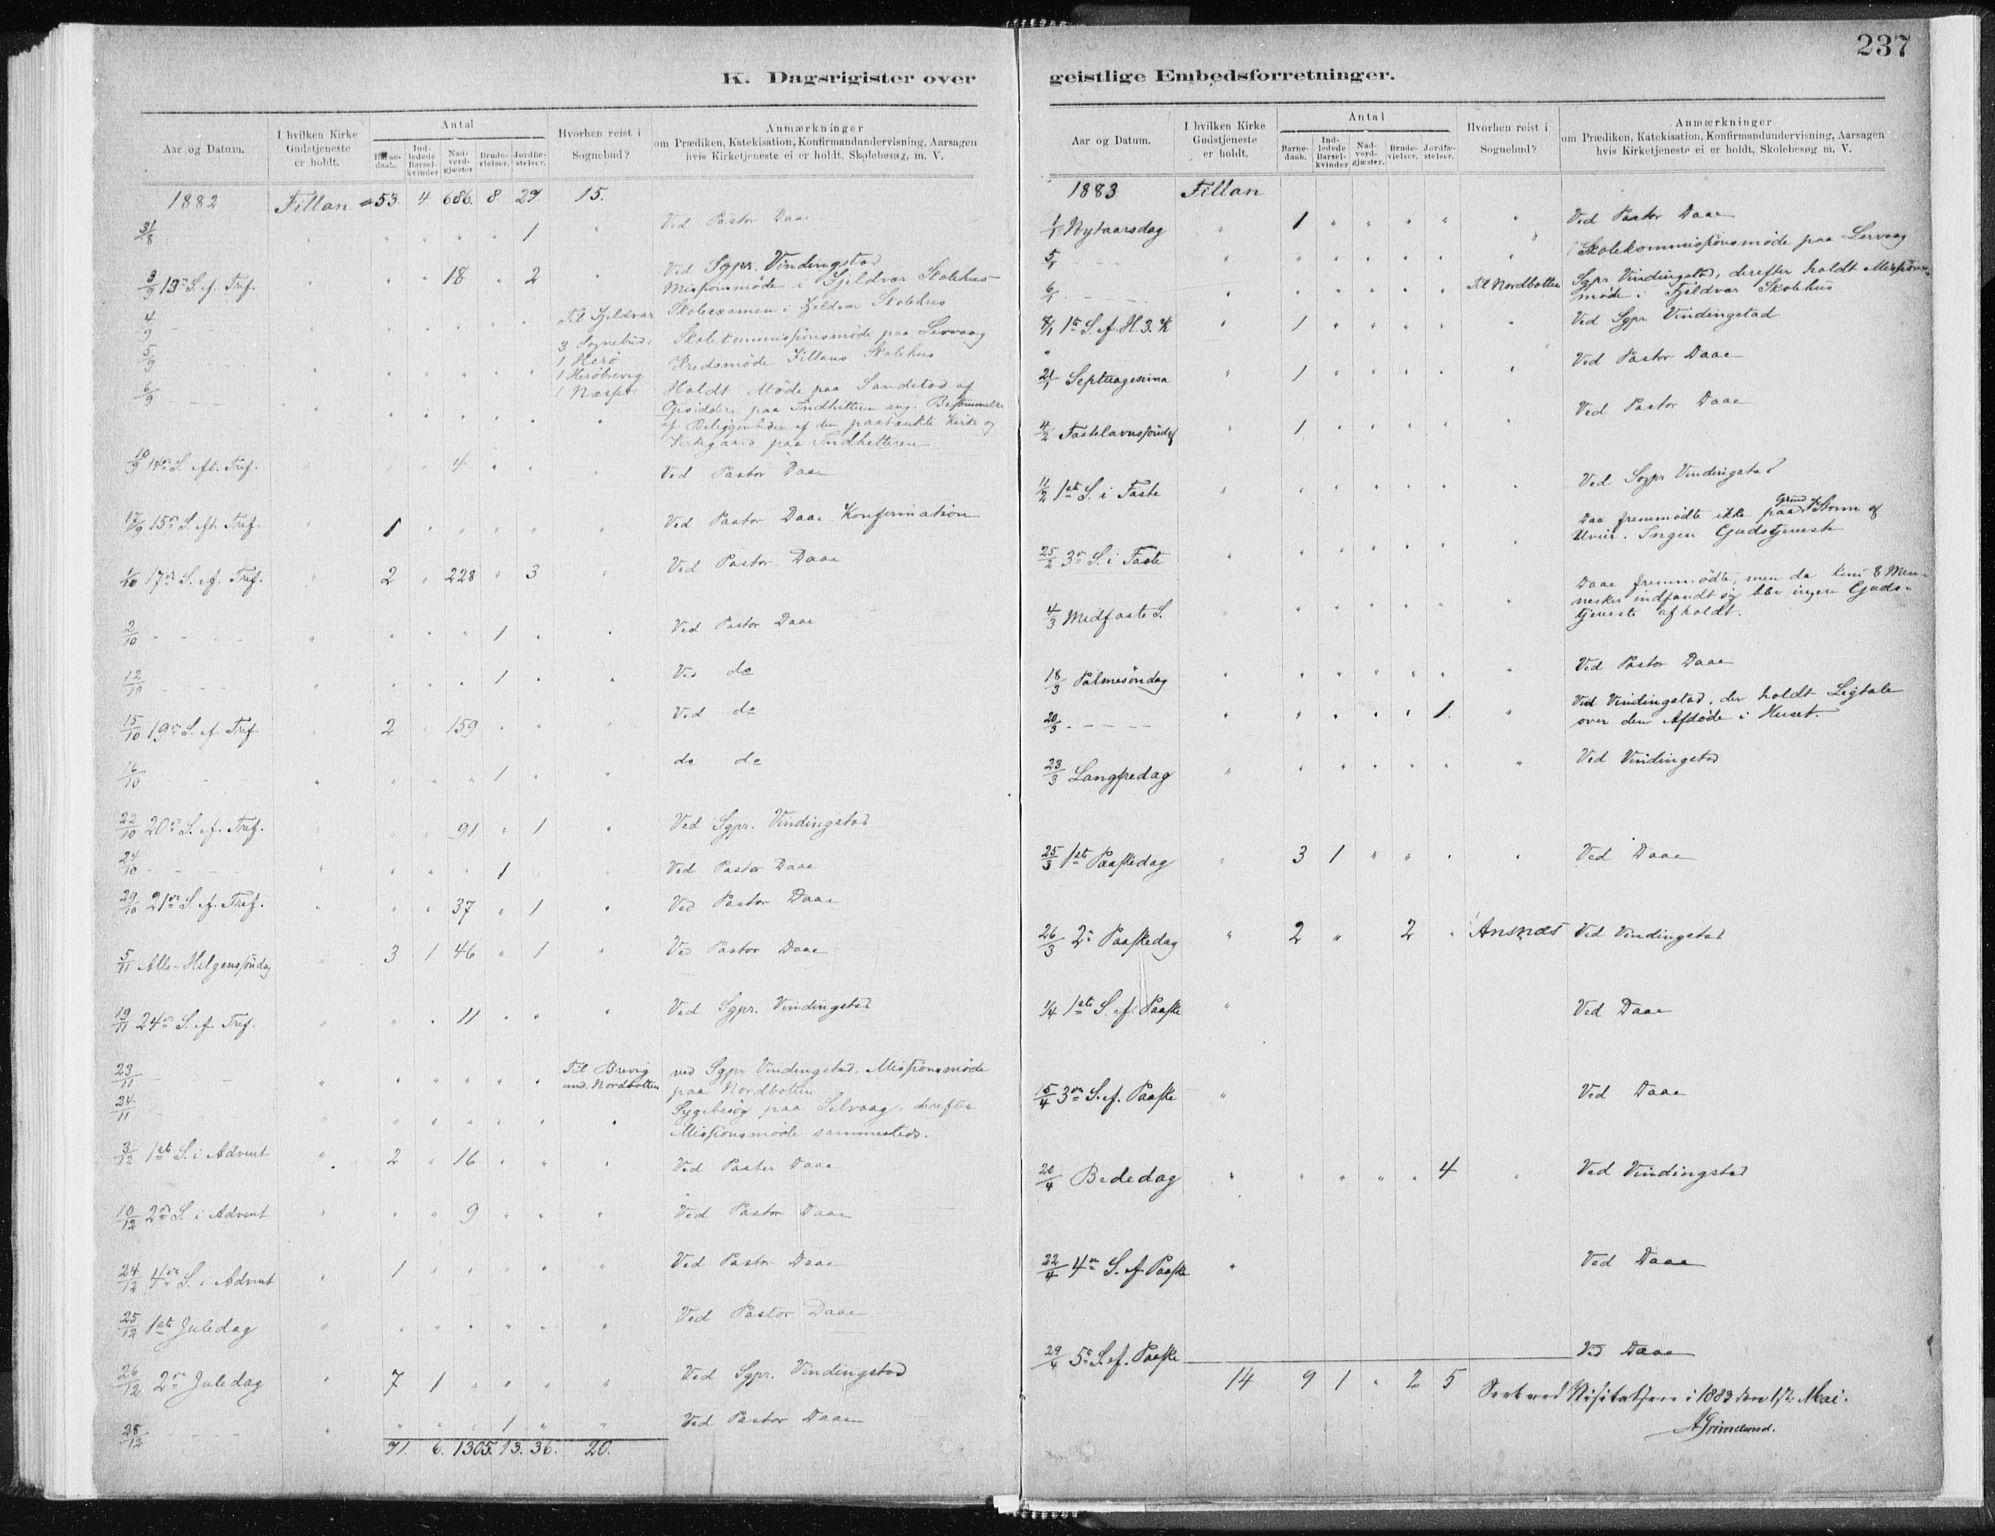 SAT, Ministerialprotokoller, klokkerbøker og fødselsregistre - Sør-Trøndelag, 637/L0558: Ministerialbok nr. 637A01, 1882-1899, s. 237